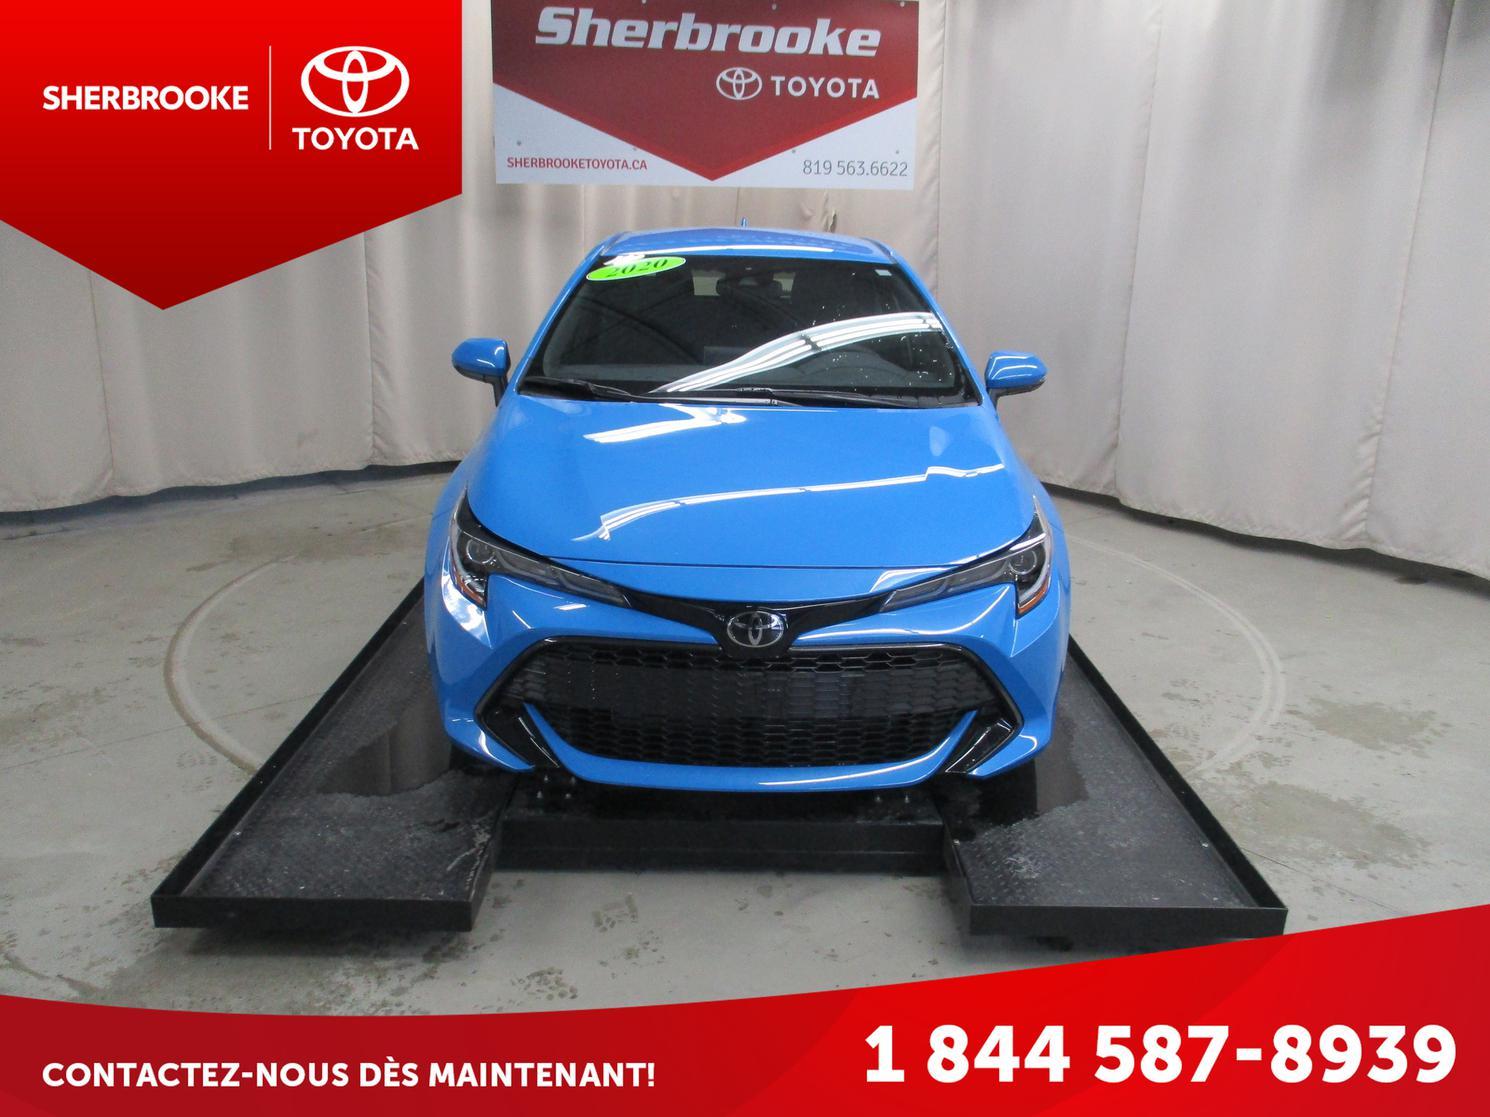 2020 Toyota Corolla à hayon SE